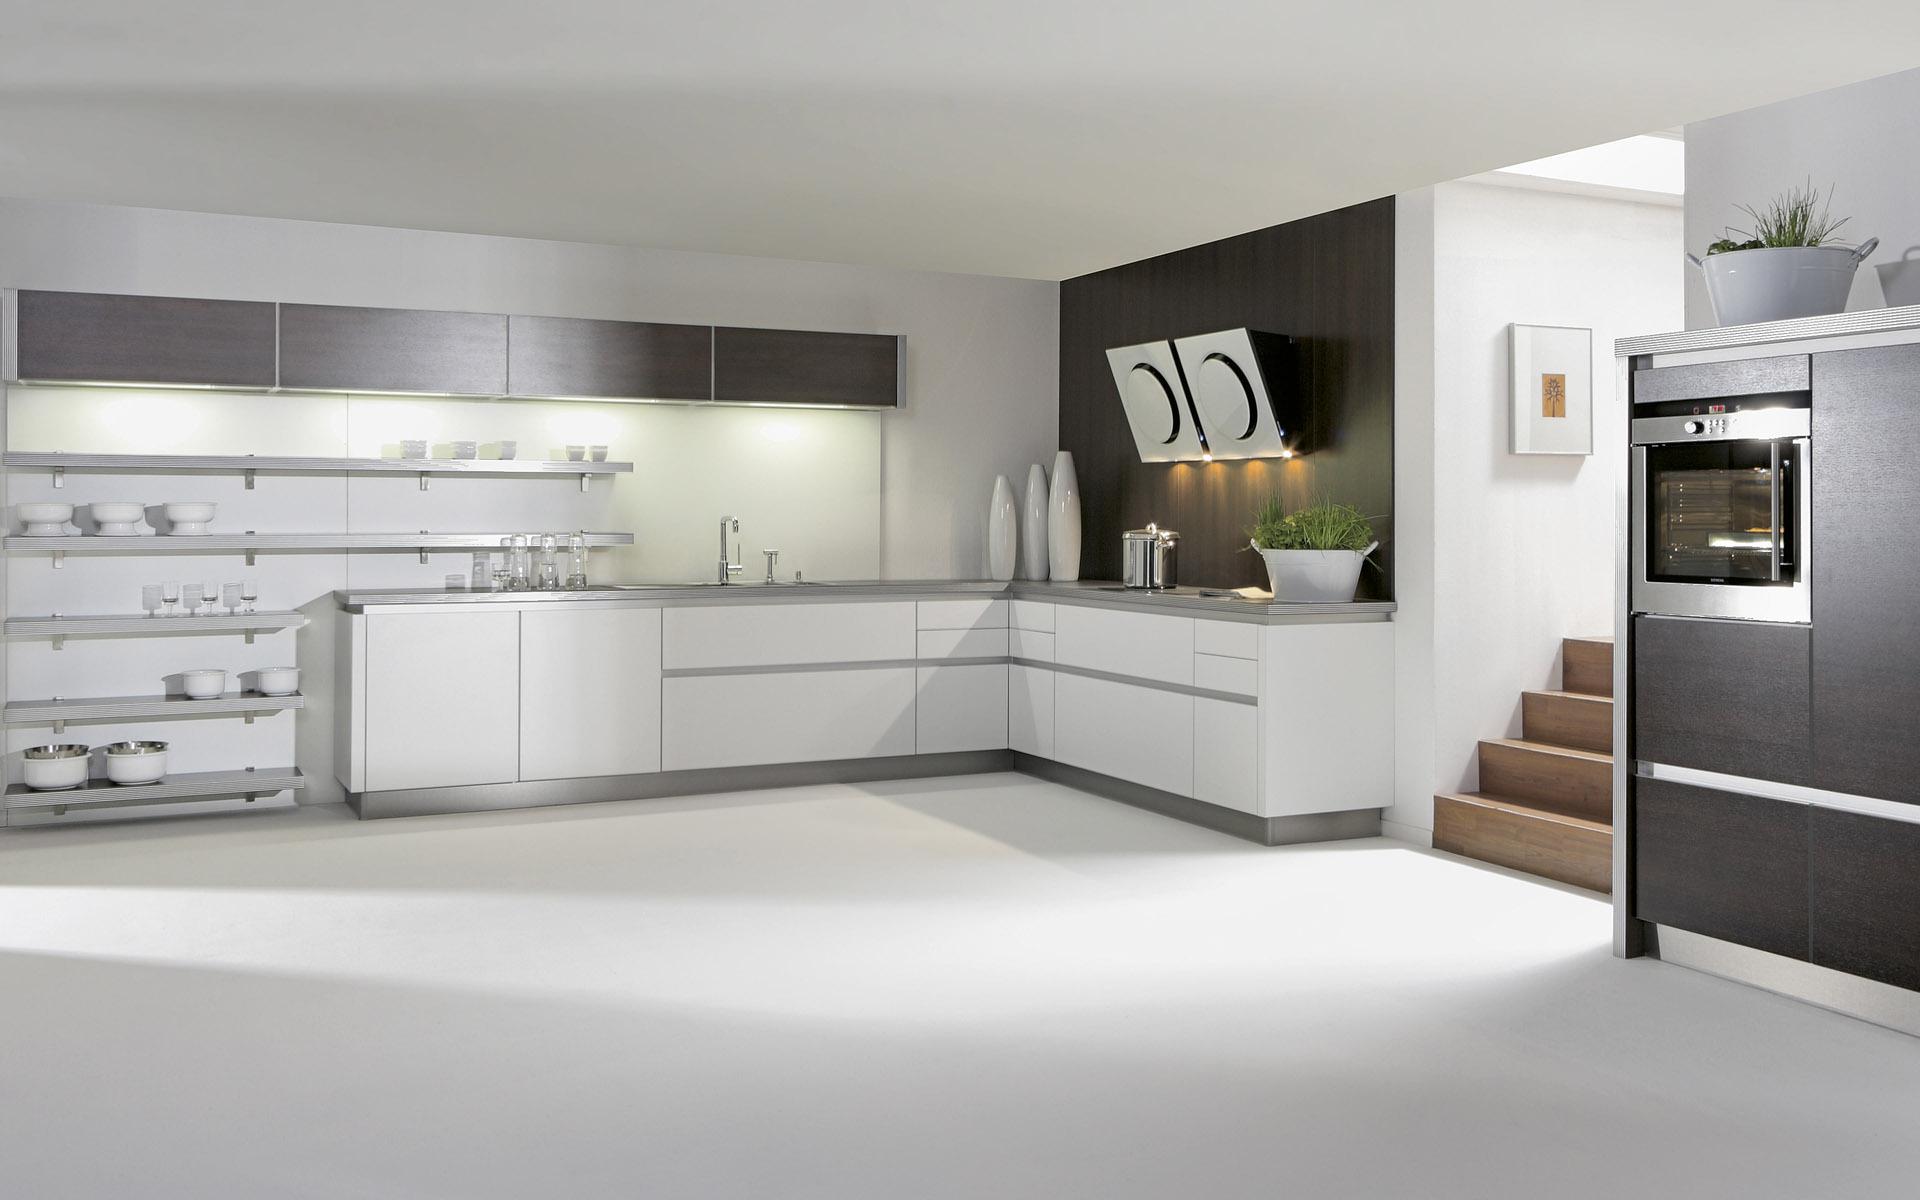 White-kitchen-interior-design-interior-exterior-plan